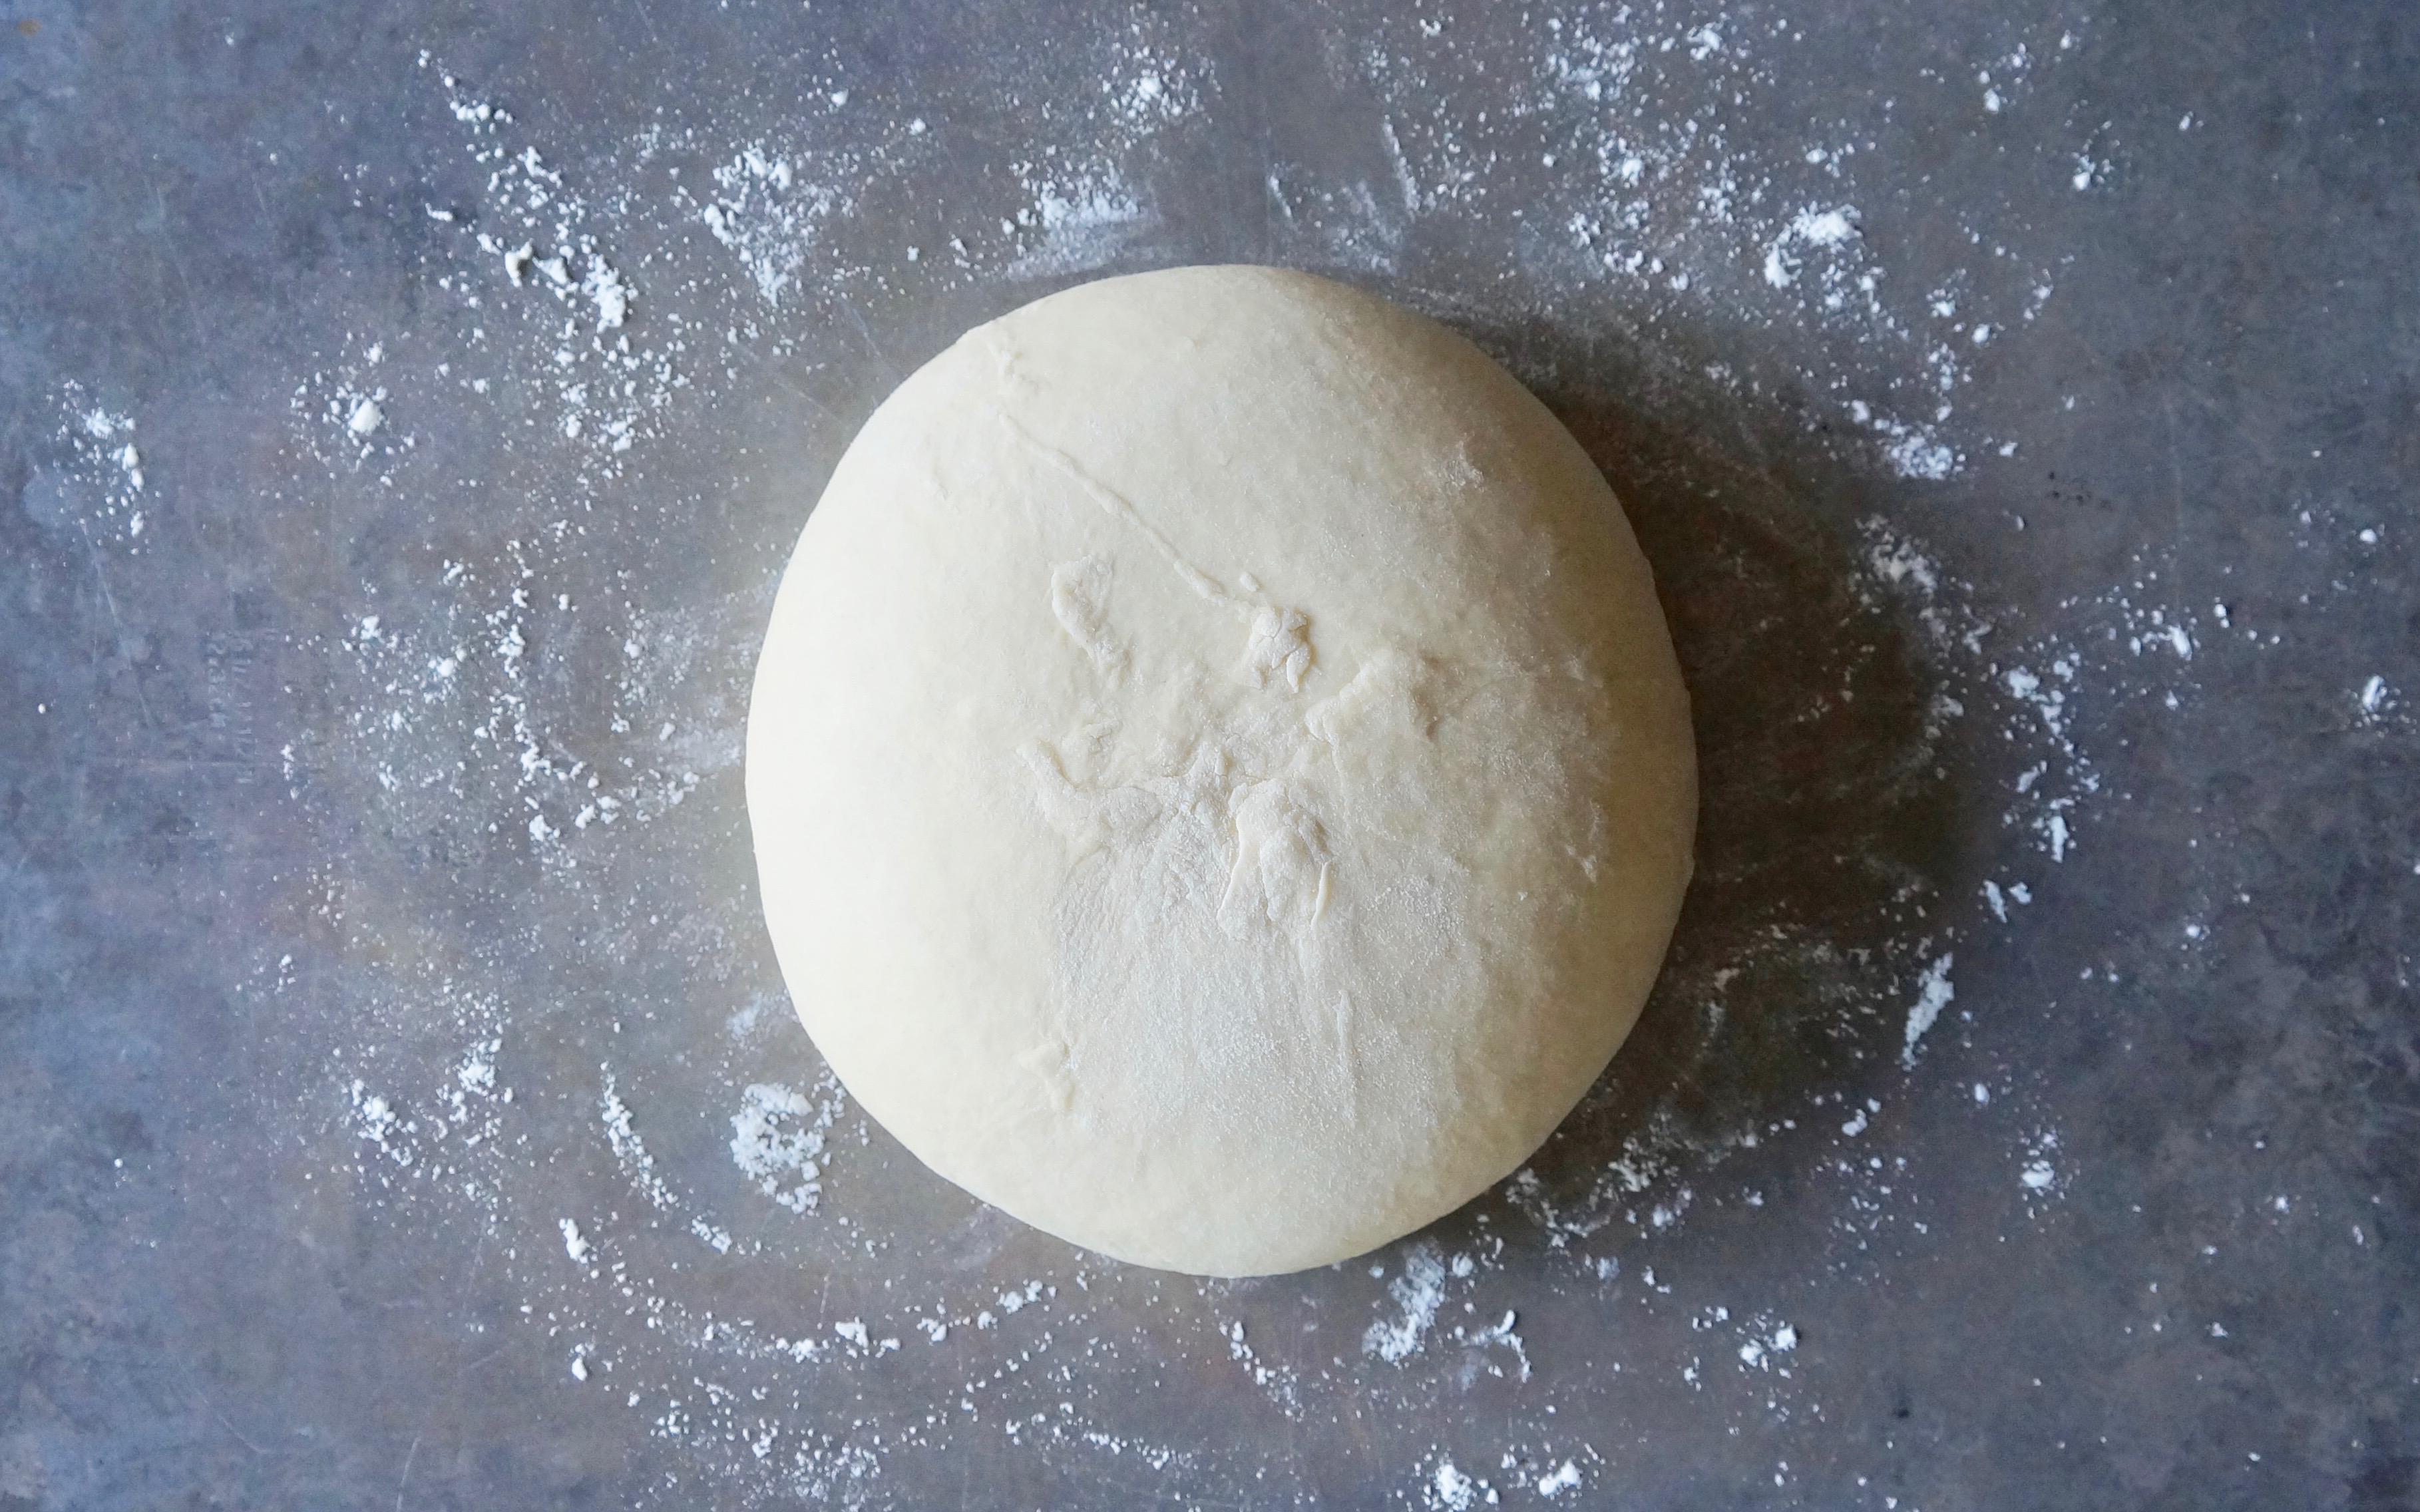 Buttermilk-Cemita-Rolls-Rebecca-Gordon-Publisher-Buttermilk-Lipstick-Culinary-Entertaining-Techniques-Southern-Hostess-RebeccaGordon-Pastry-Chef-Birmingham-Alabama